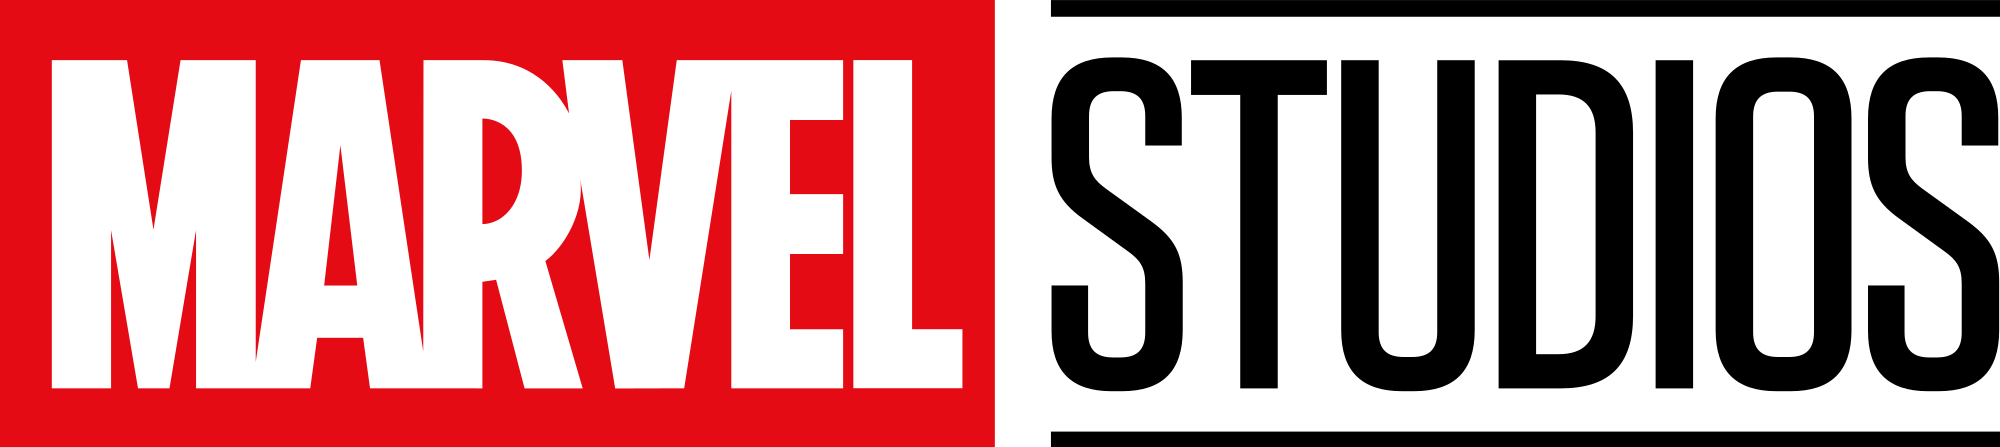 Marvel PNG - 115359